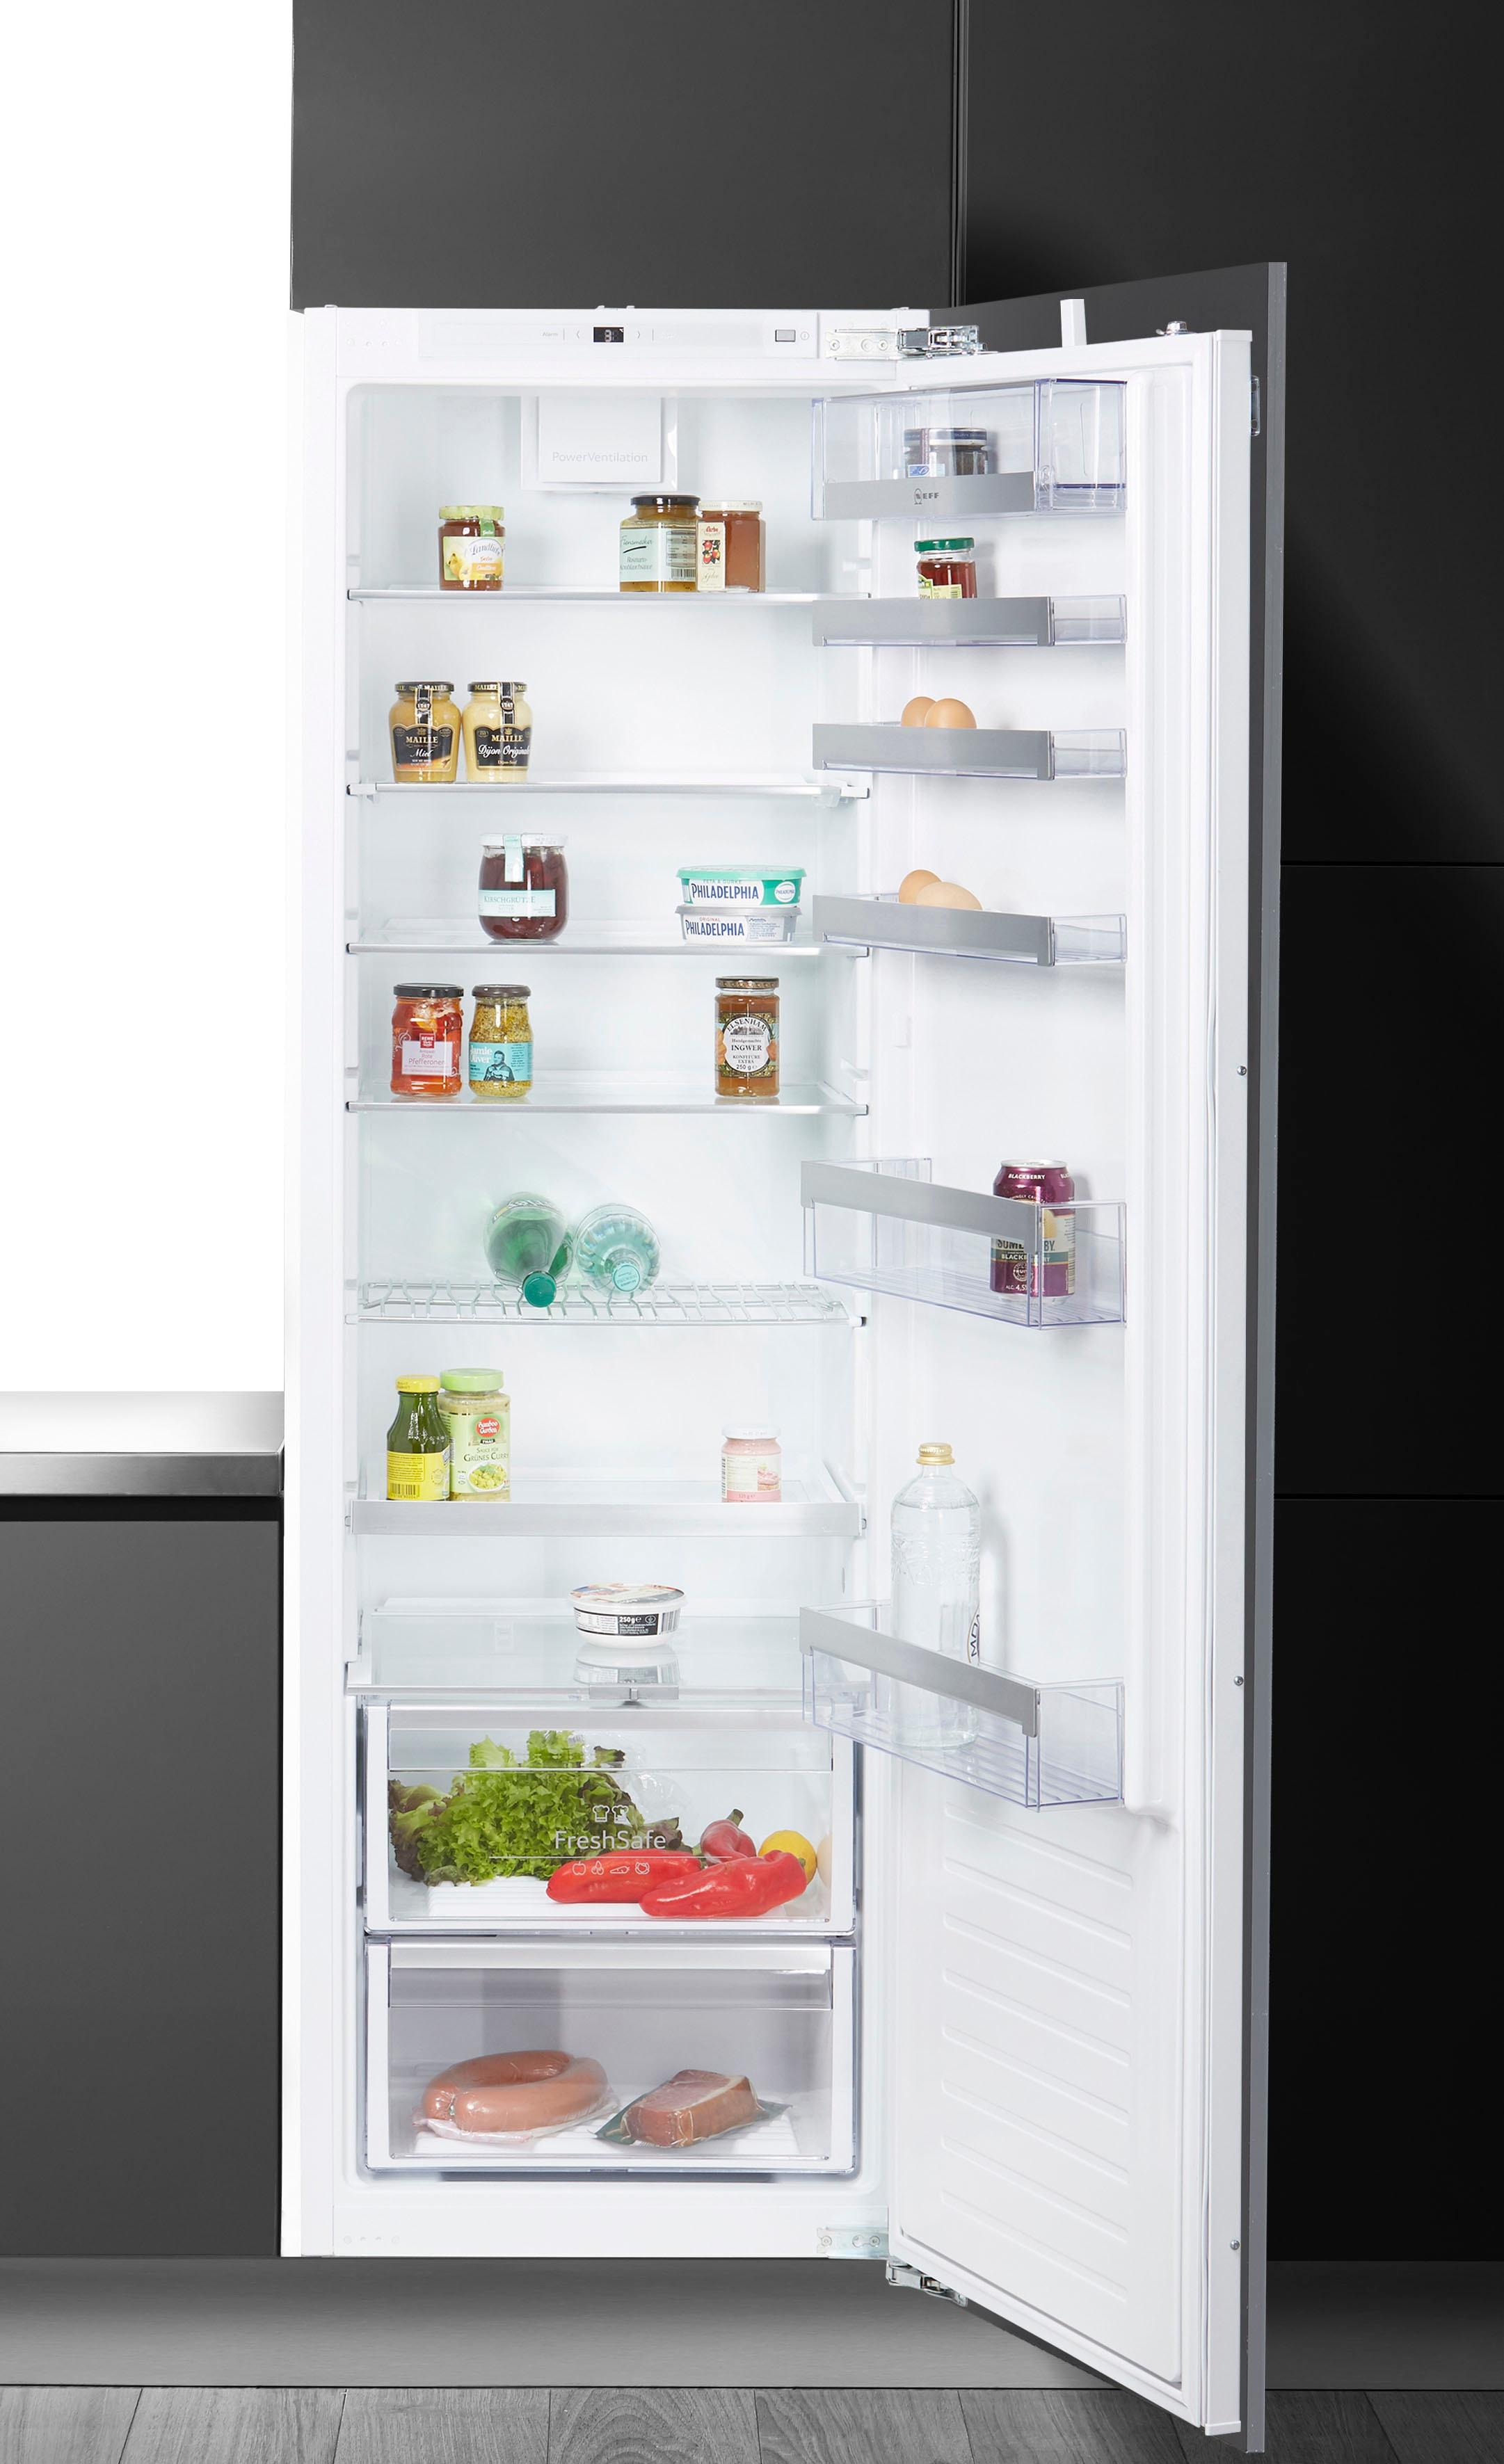 NEFF Einbaukühlschrank KI1813FE0 , N 70